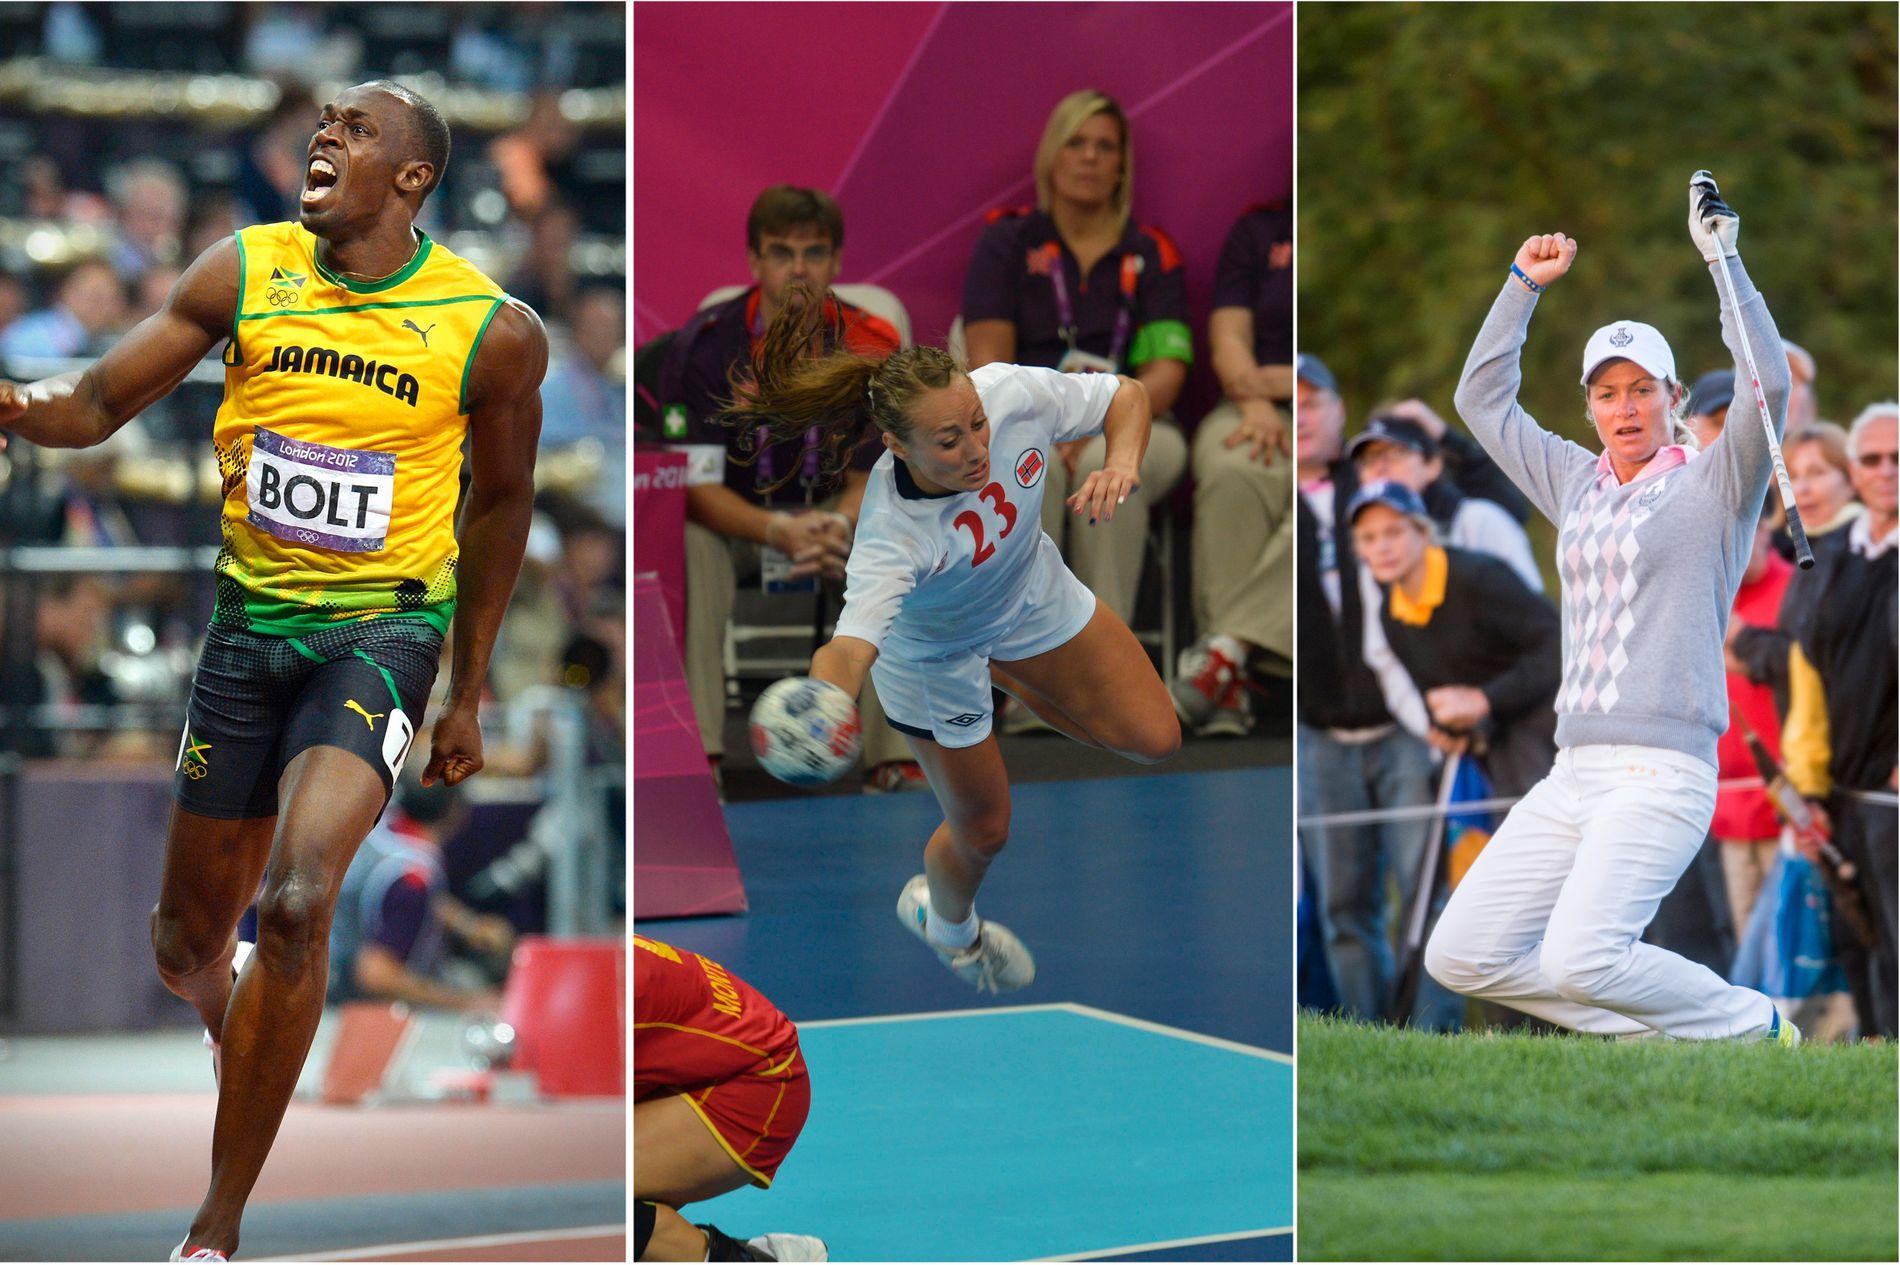 HØYDEPUNKTER: Usain Bolt fra hans gull på 100 meter i 2012. Håndballjentene er regjerende mester etter gull fra samme mesterskap. Suzann «Tutta» Pettersen deltar i det første Golf-OL siden 1904. De står for tre av høydepunktene i Rio-OL.